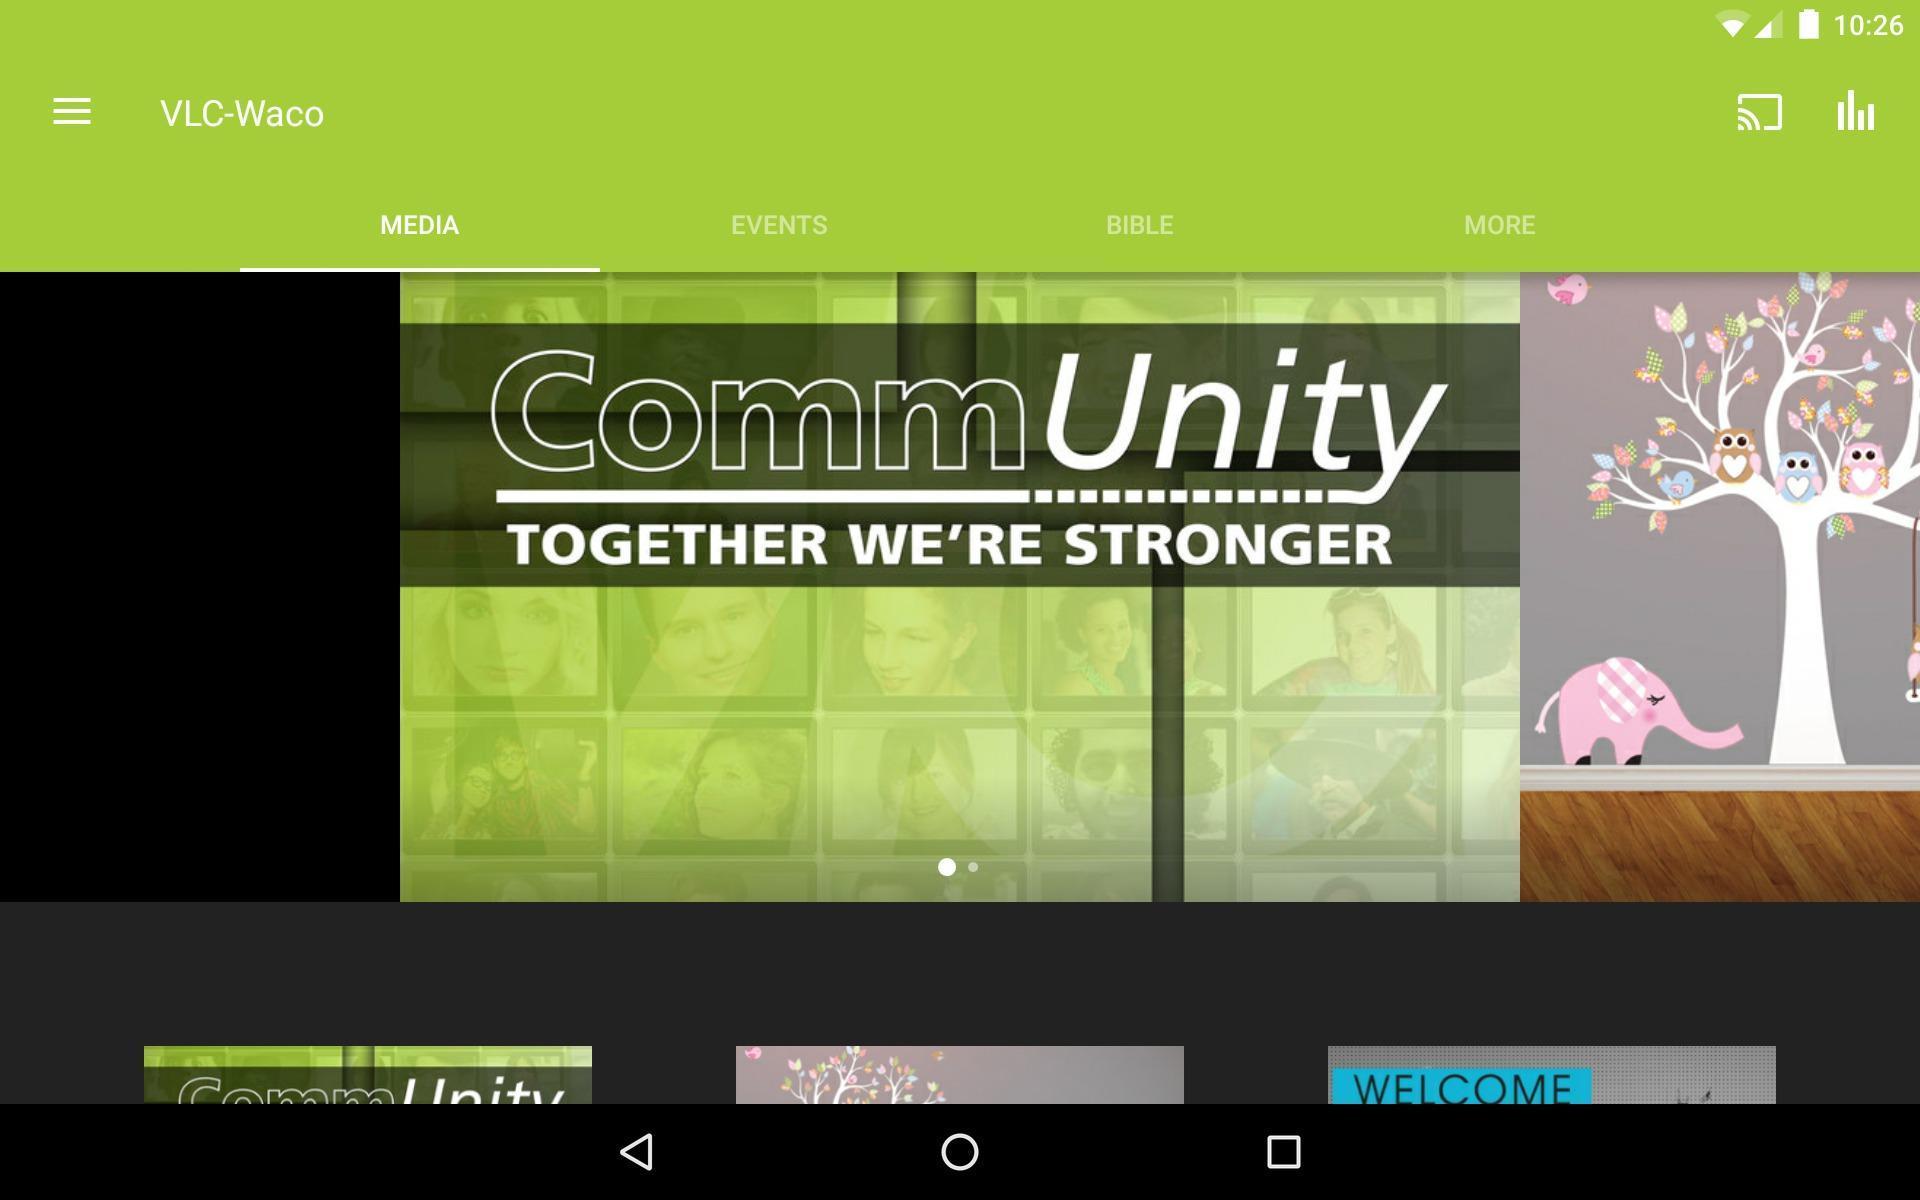 VLC-Waco screenshot 5